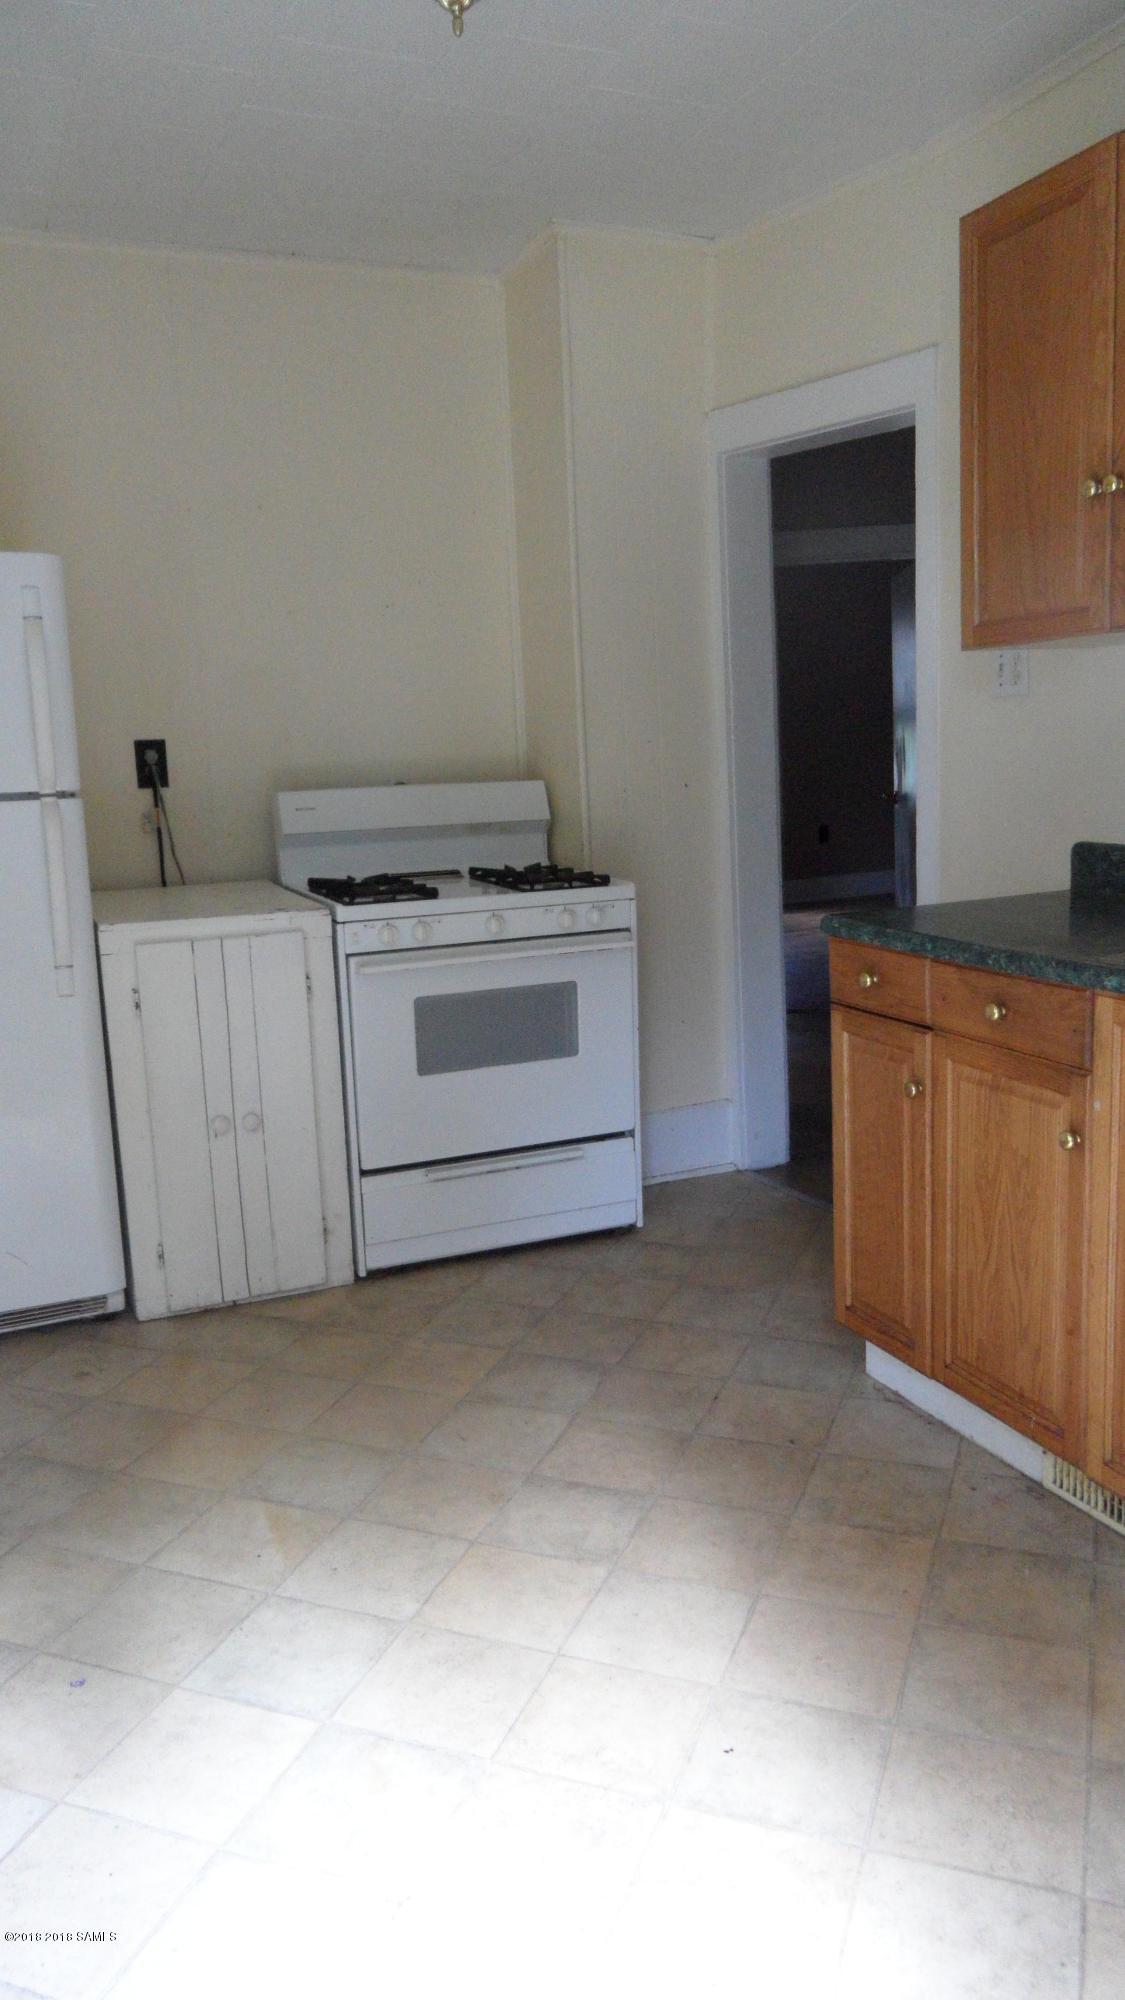 9-11-13 Woodlawn Avenue, Glens Falls NY 12801 photo 20